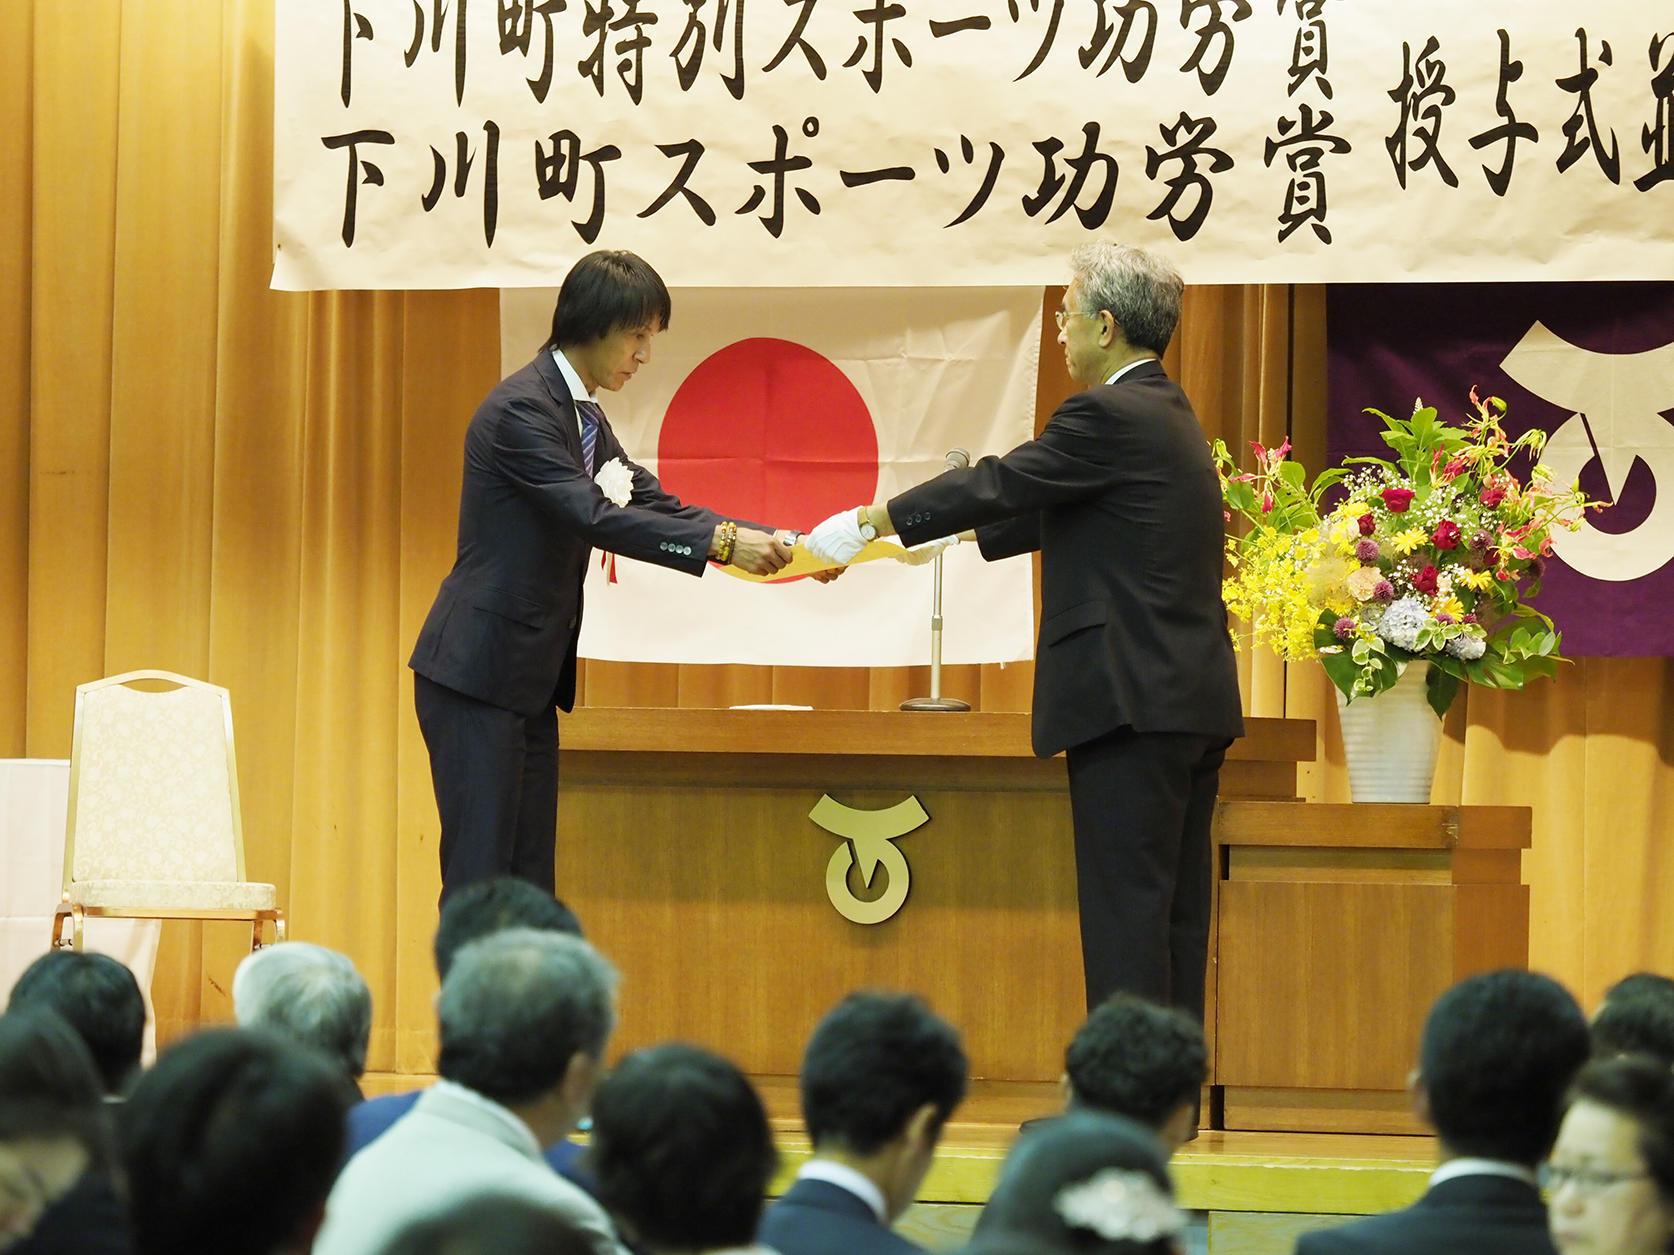 http://news.yoshimoto.co.jp/20180728172950-7de18bcd0fb3e56baa55687492201e4a2305d96e.jpg